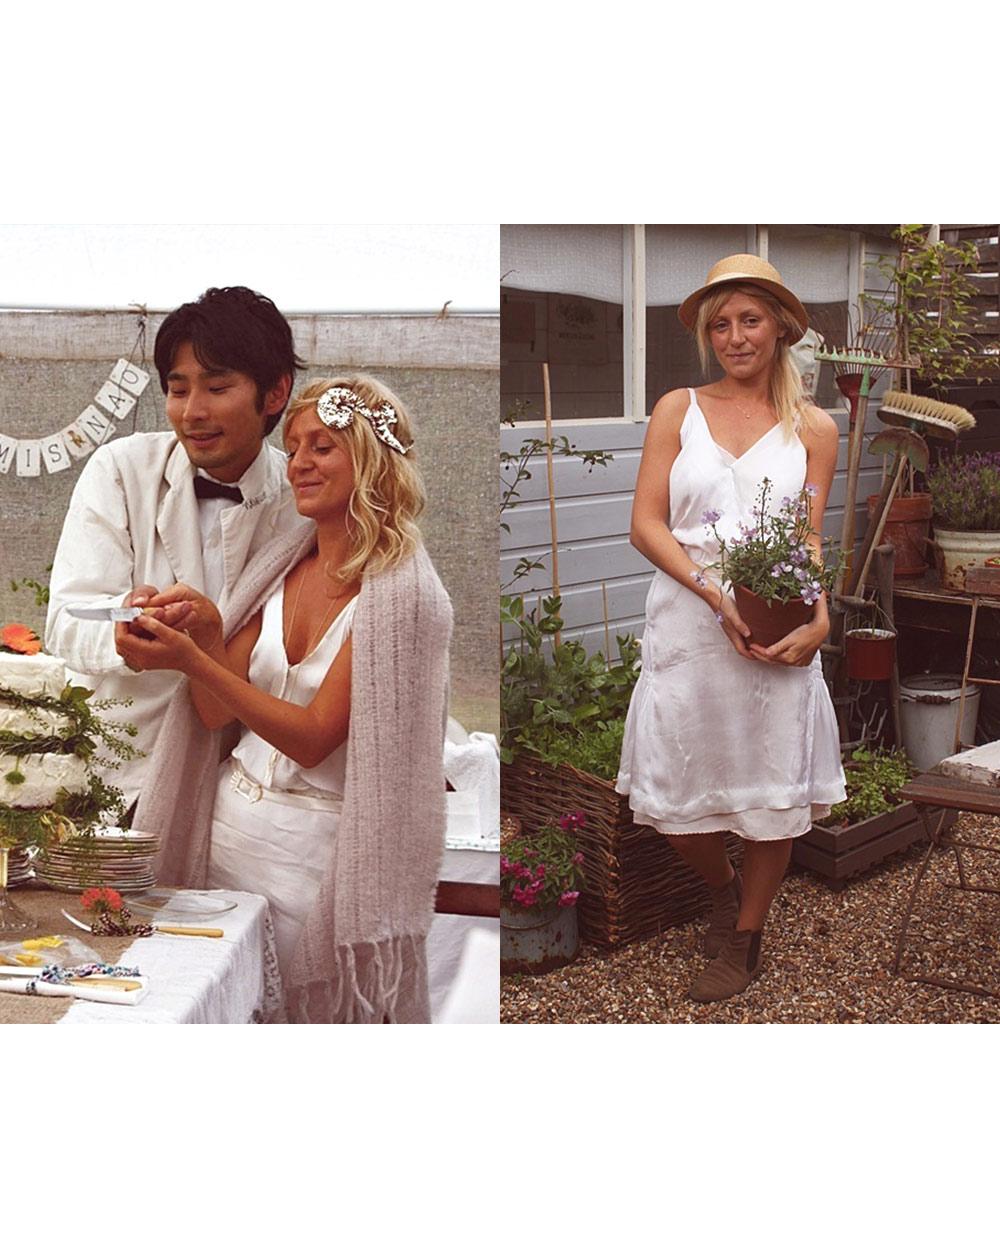 repurpose-wedding-dress-artemis-russell-0216.jpg